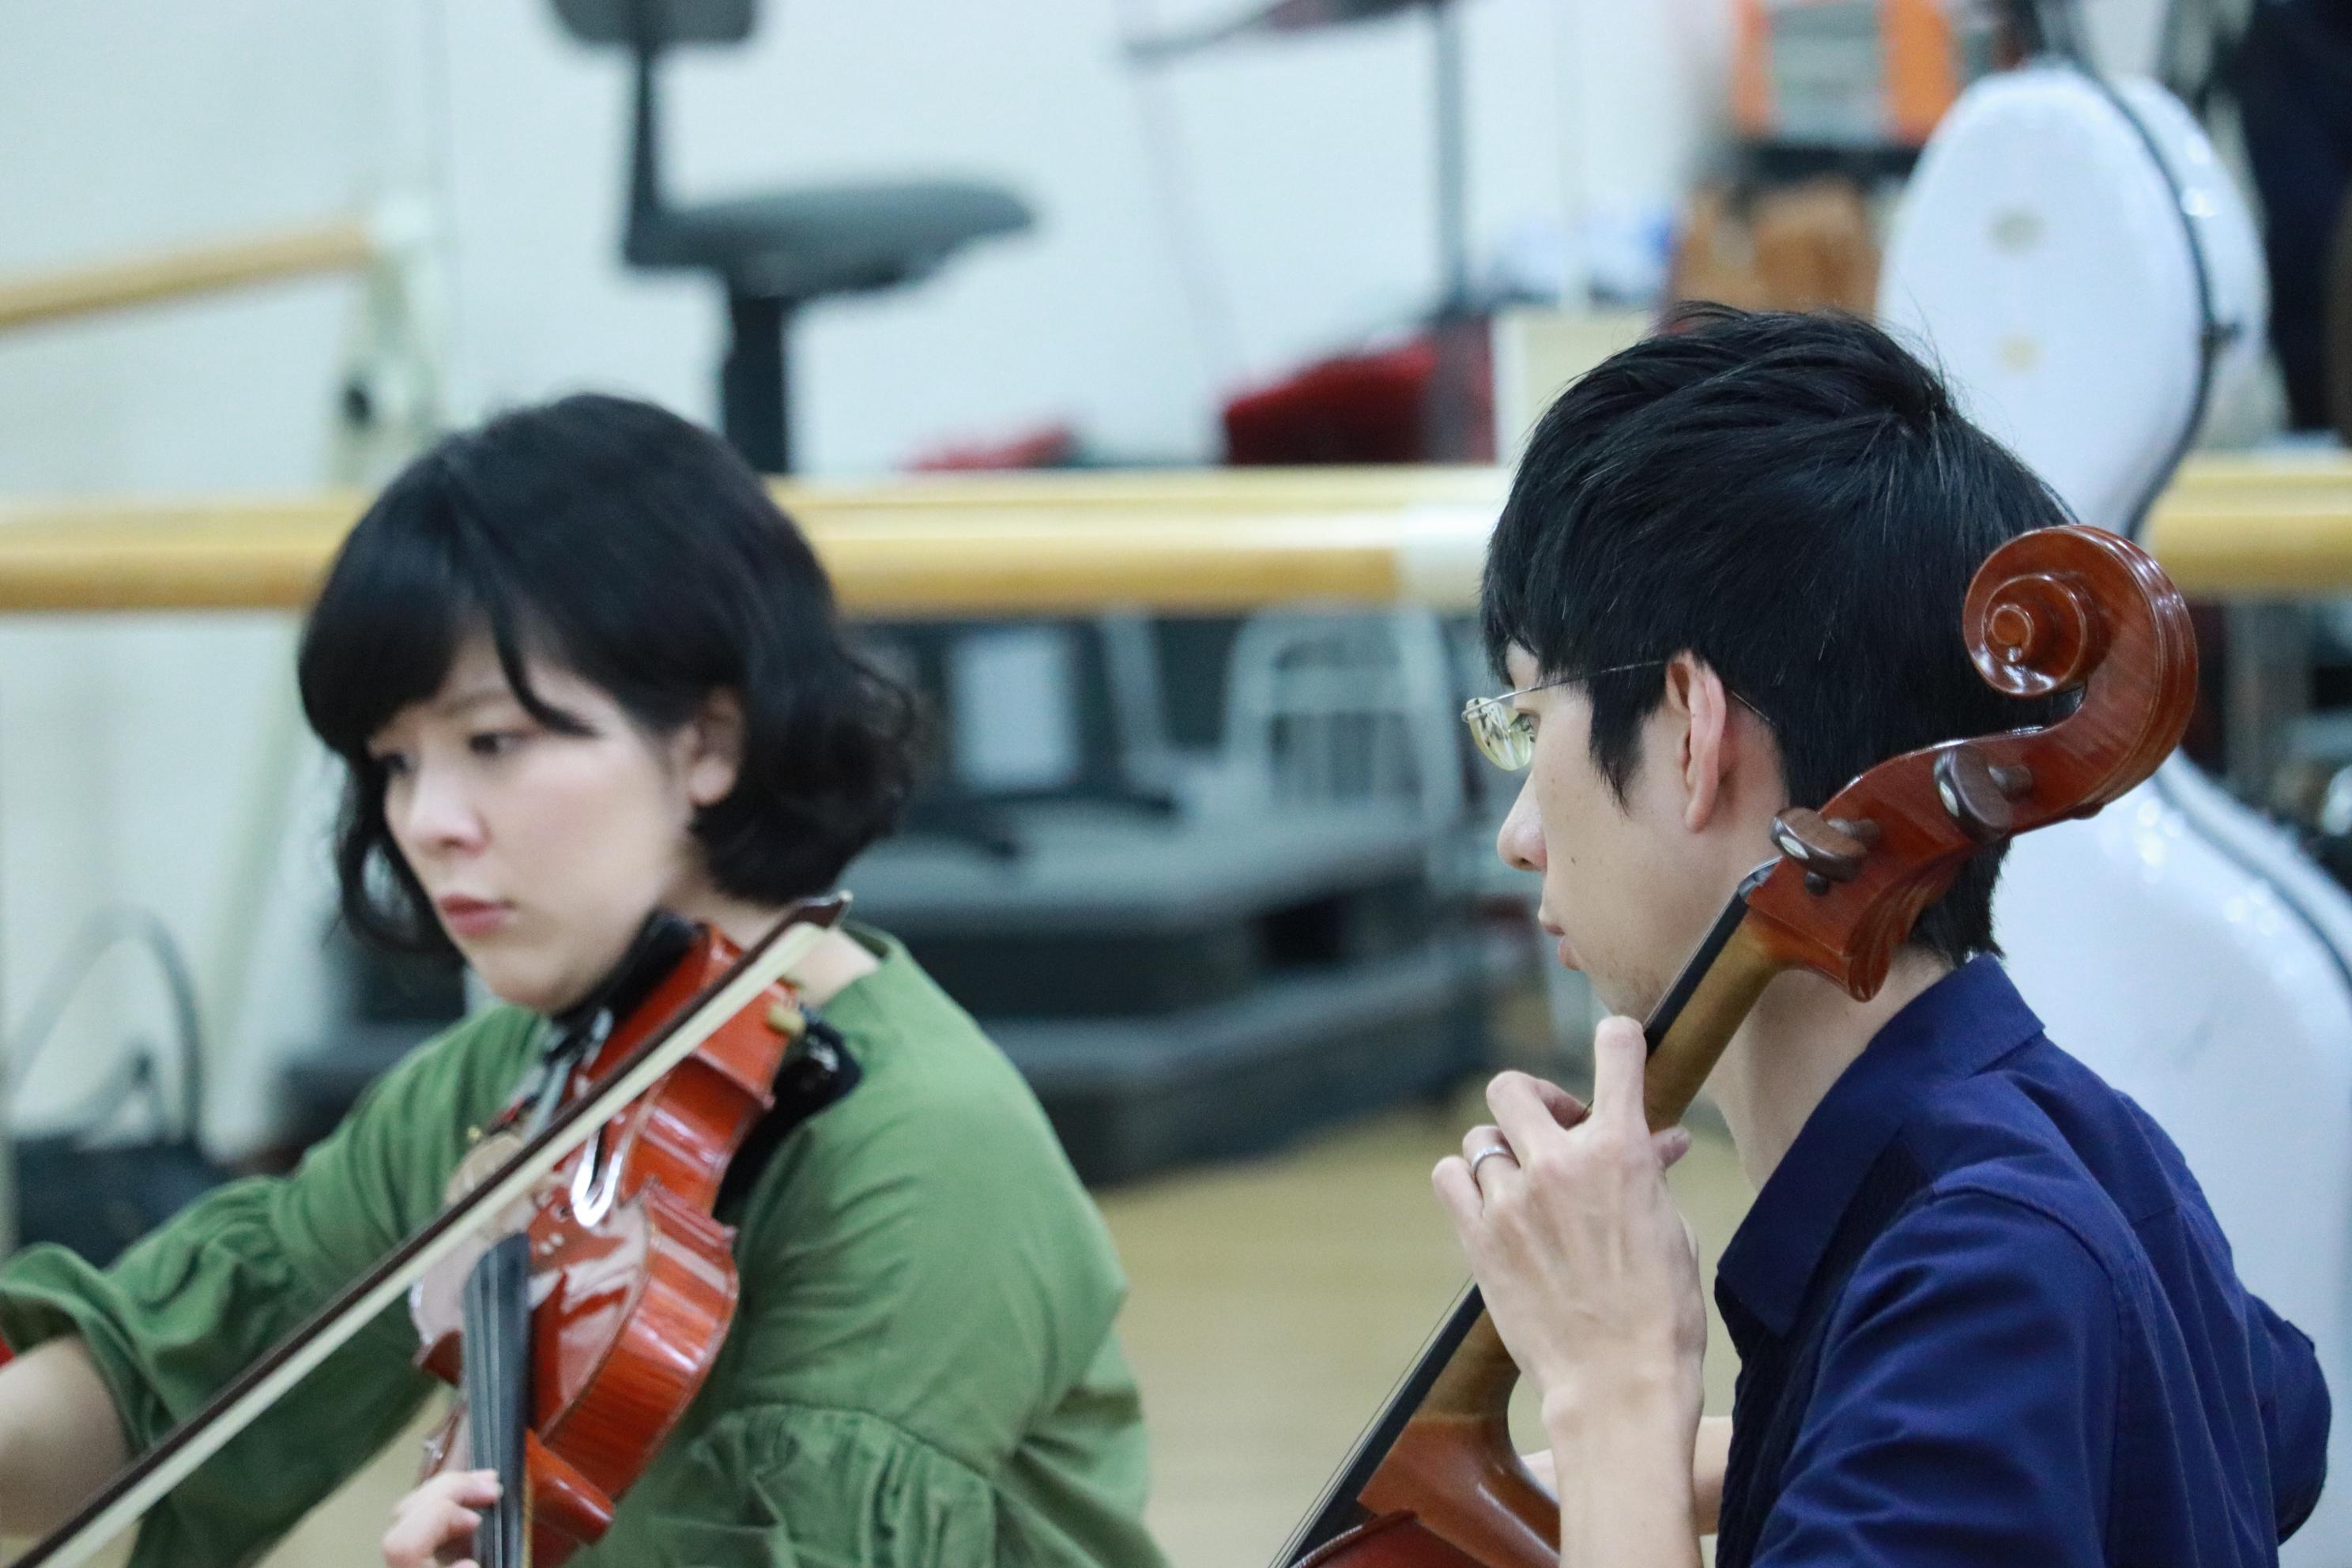 ヴィオラ奏者の女性とチェロ奏者の男性の横顔。